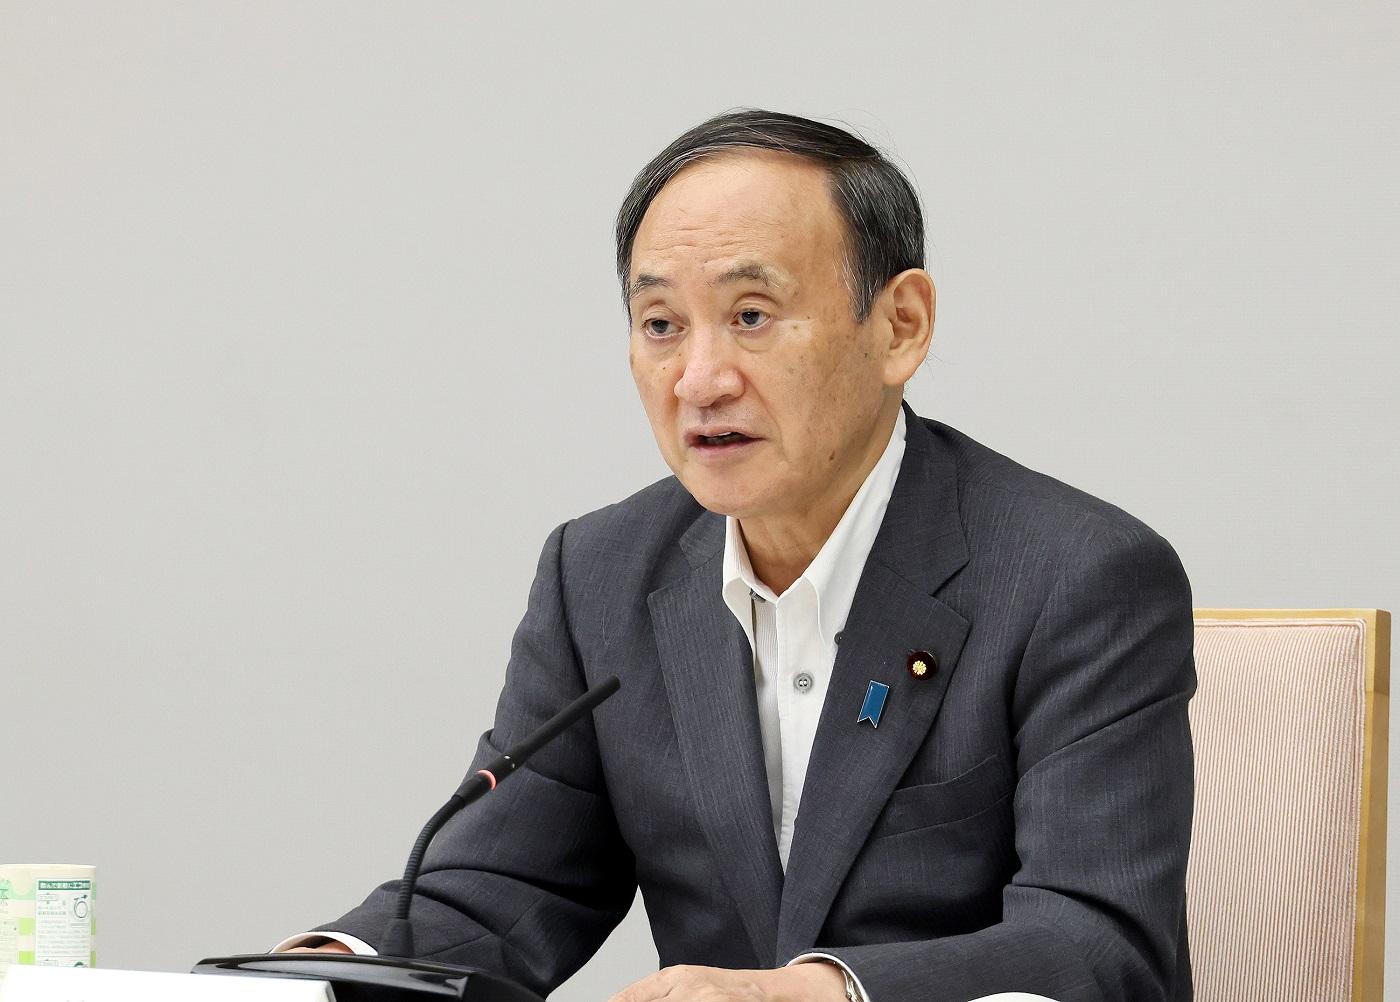 菅首相、自民総裁選に立候補せず。 総裁任期満了に伴い首相辞任へ。